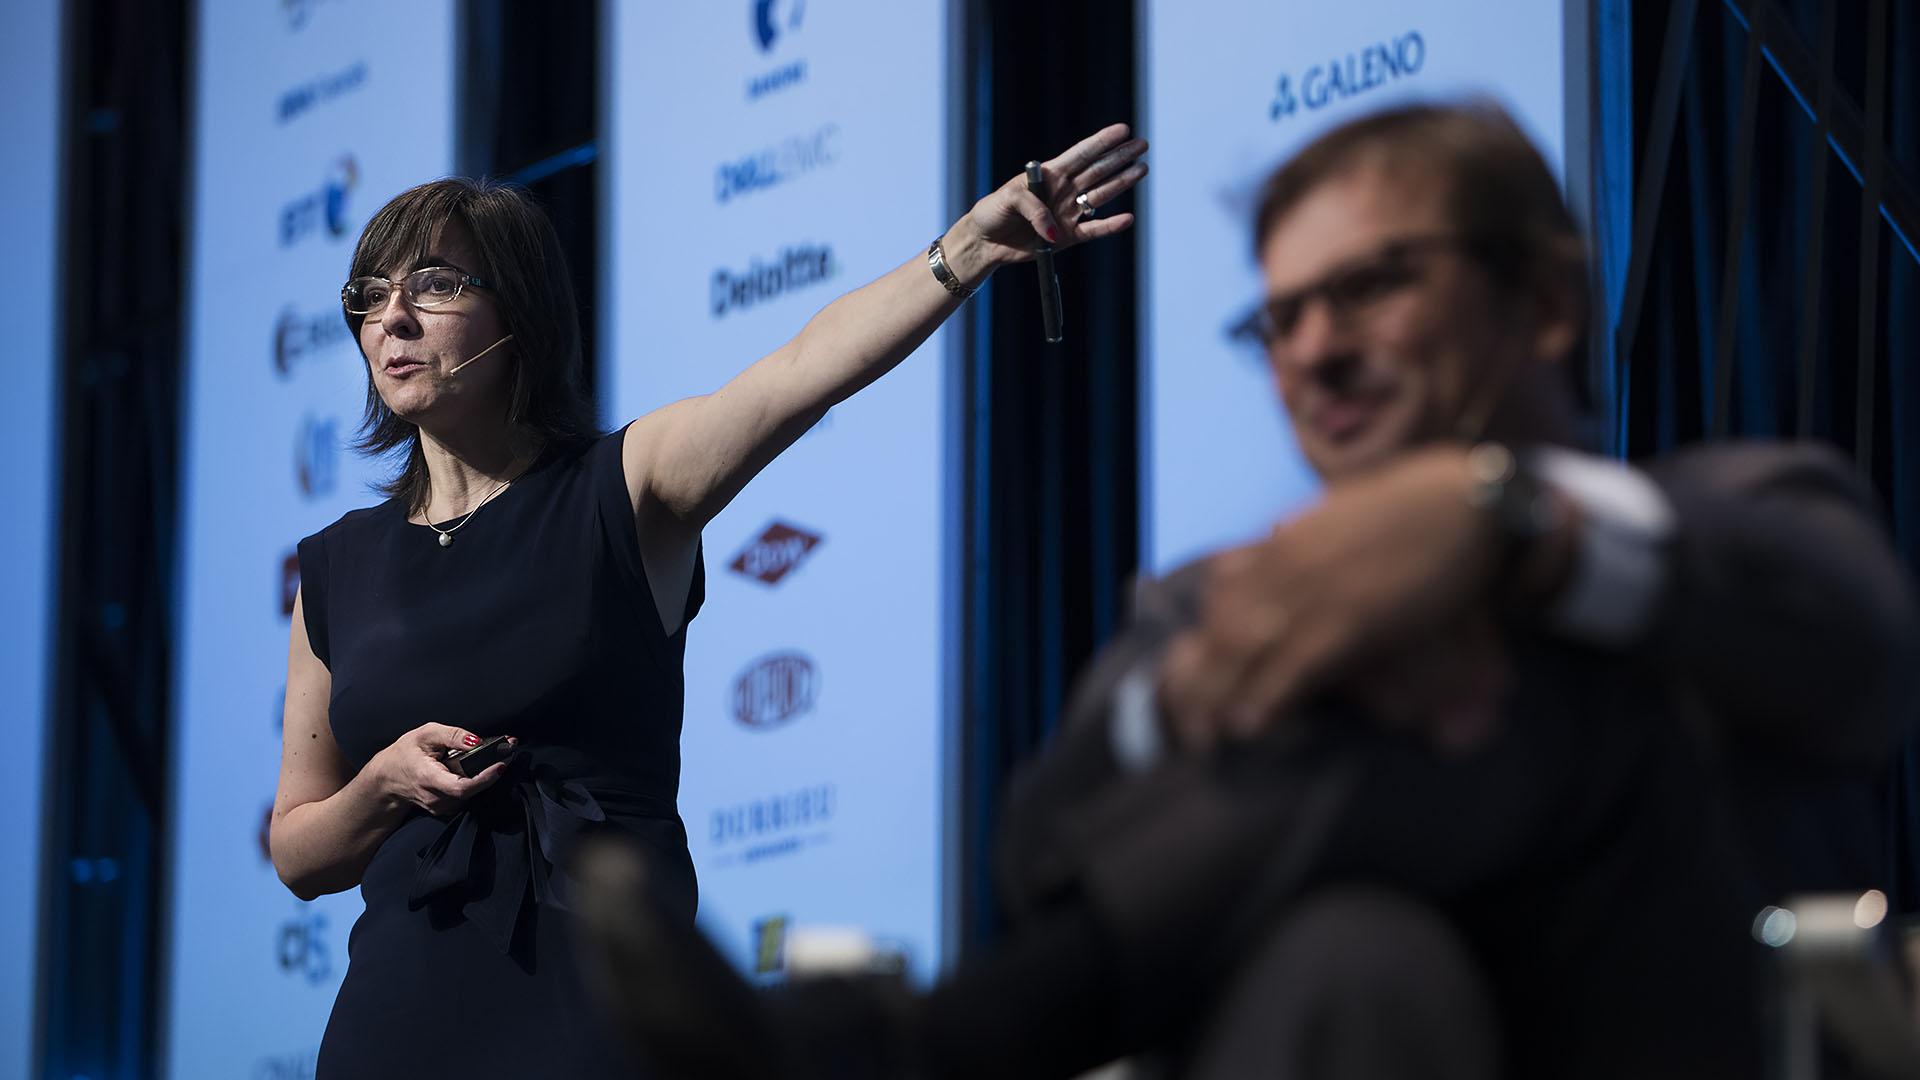 María Laura Alzúa, Investigadora del CEDLAS (Centro de Estudios Distributivos, Laborales y Sociales) e Investigadora del CONICET